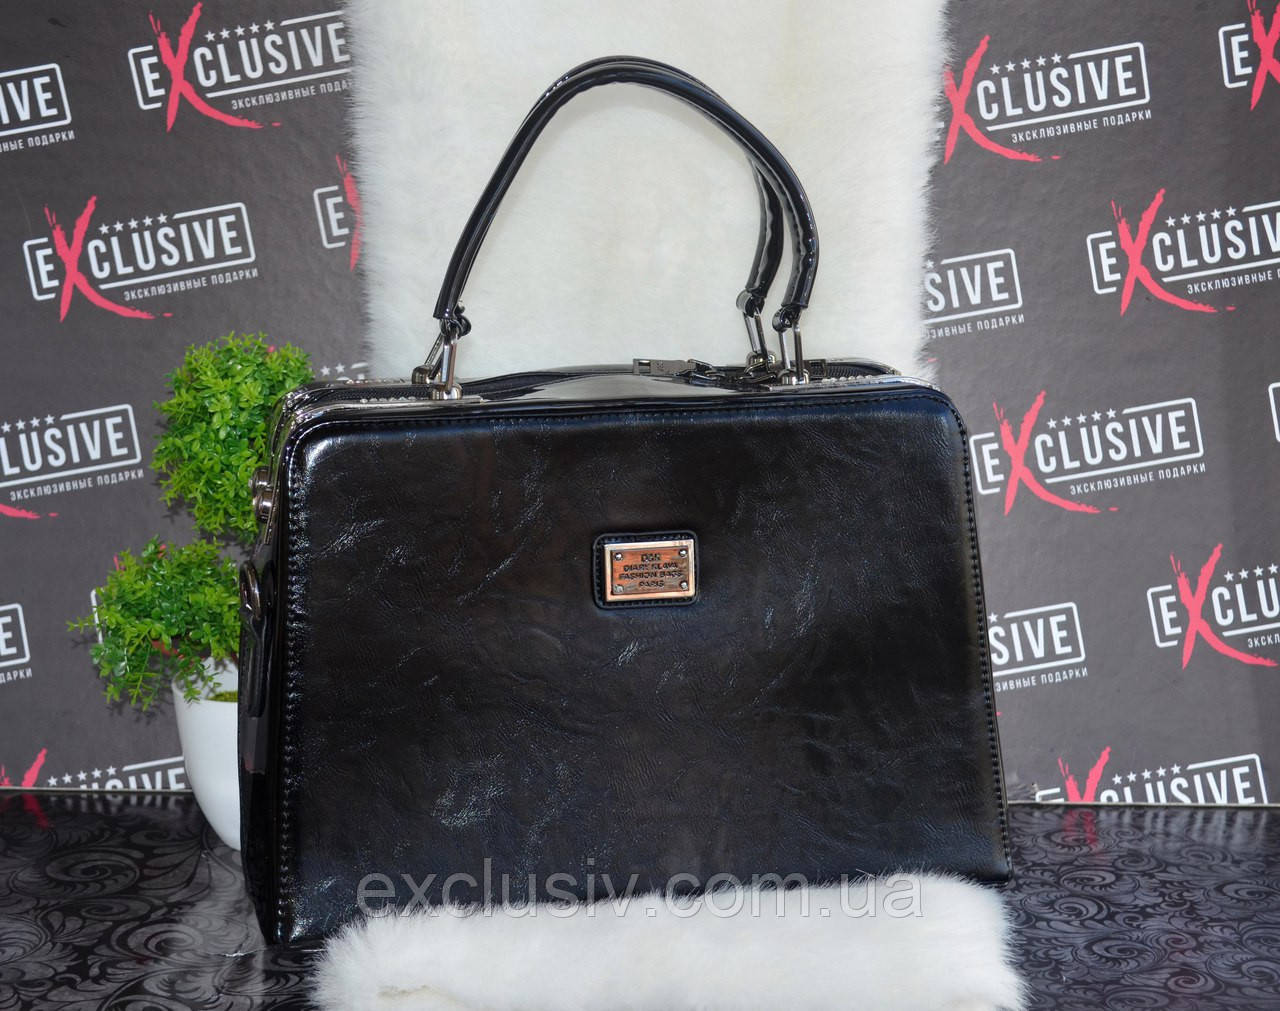 12eed8ac17df Оригинальная черная сумка-саквояж. - Магазин